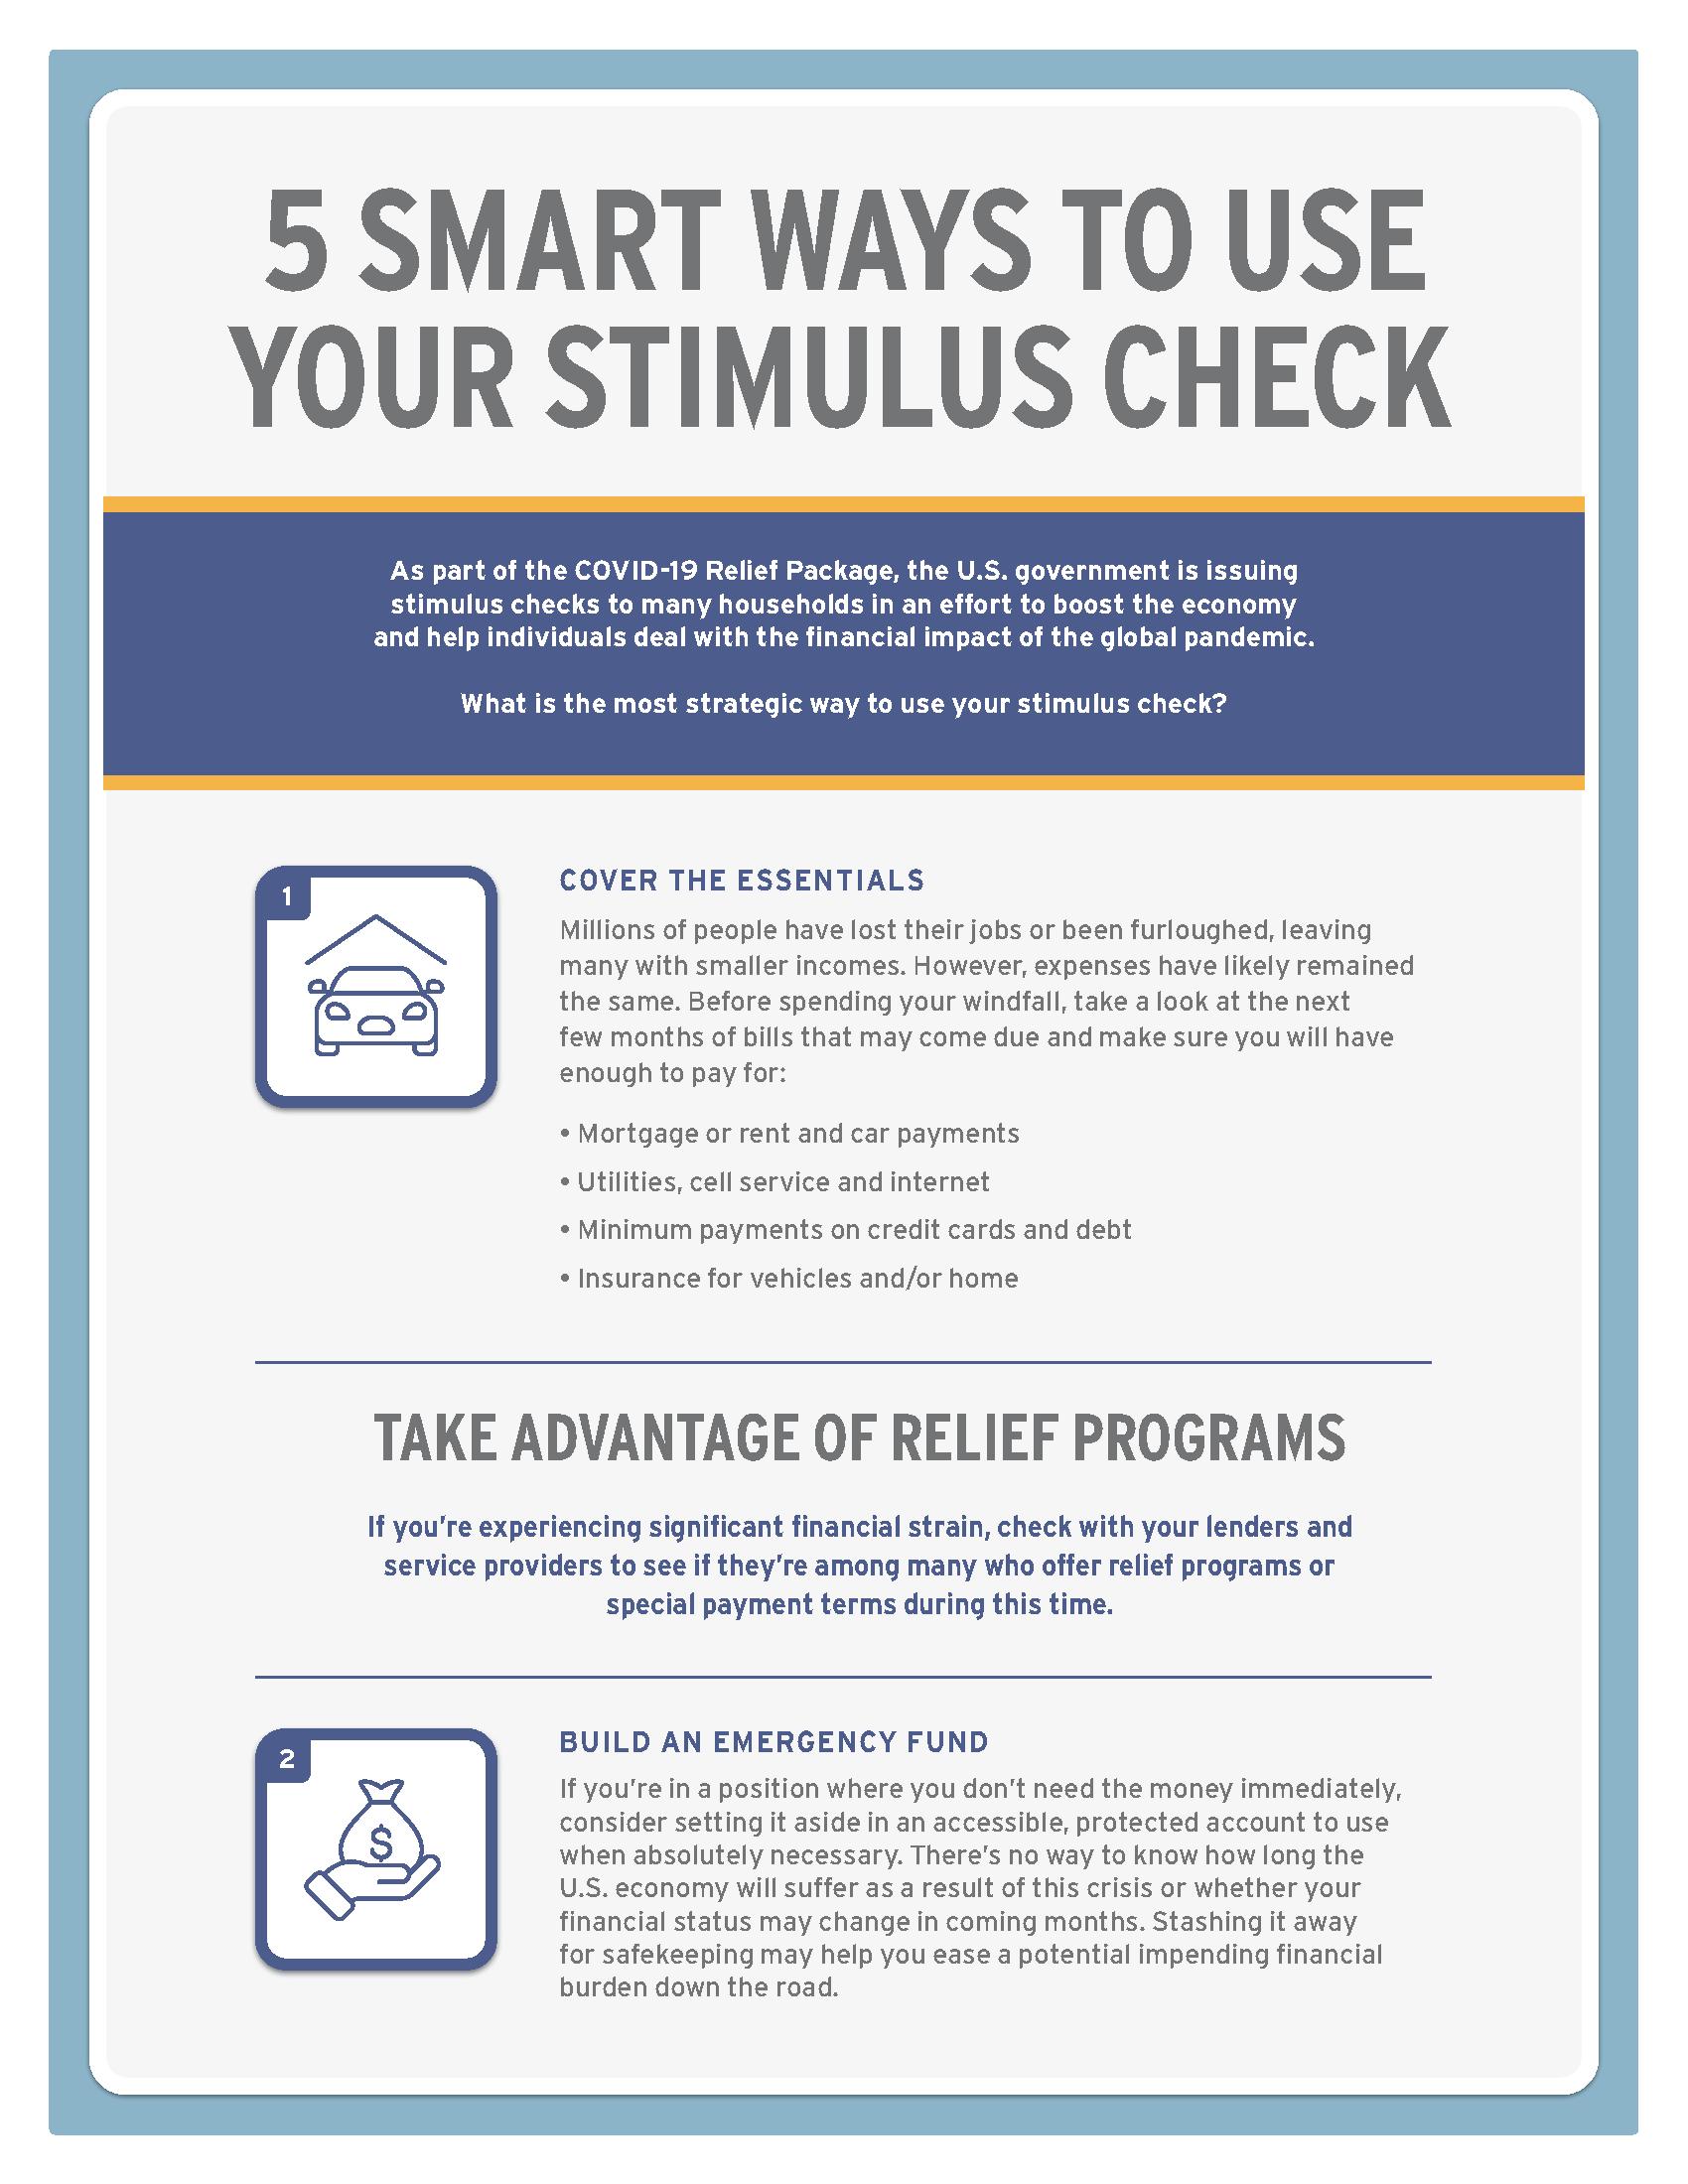 CBSI-3053187_StimulusCheckGeneral_Infographic_HR_Page_1